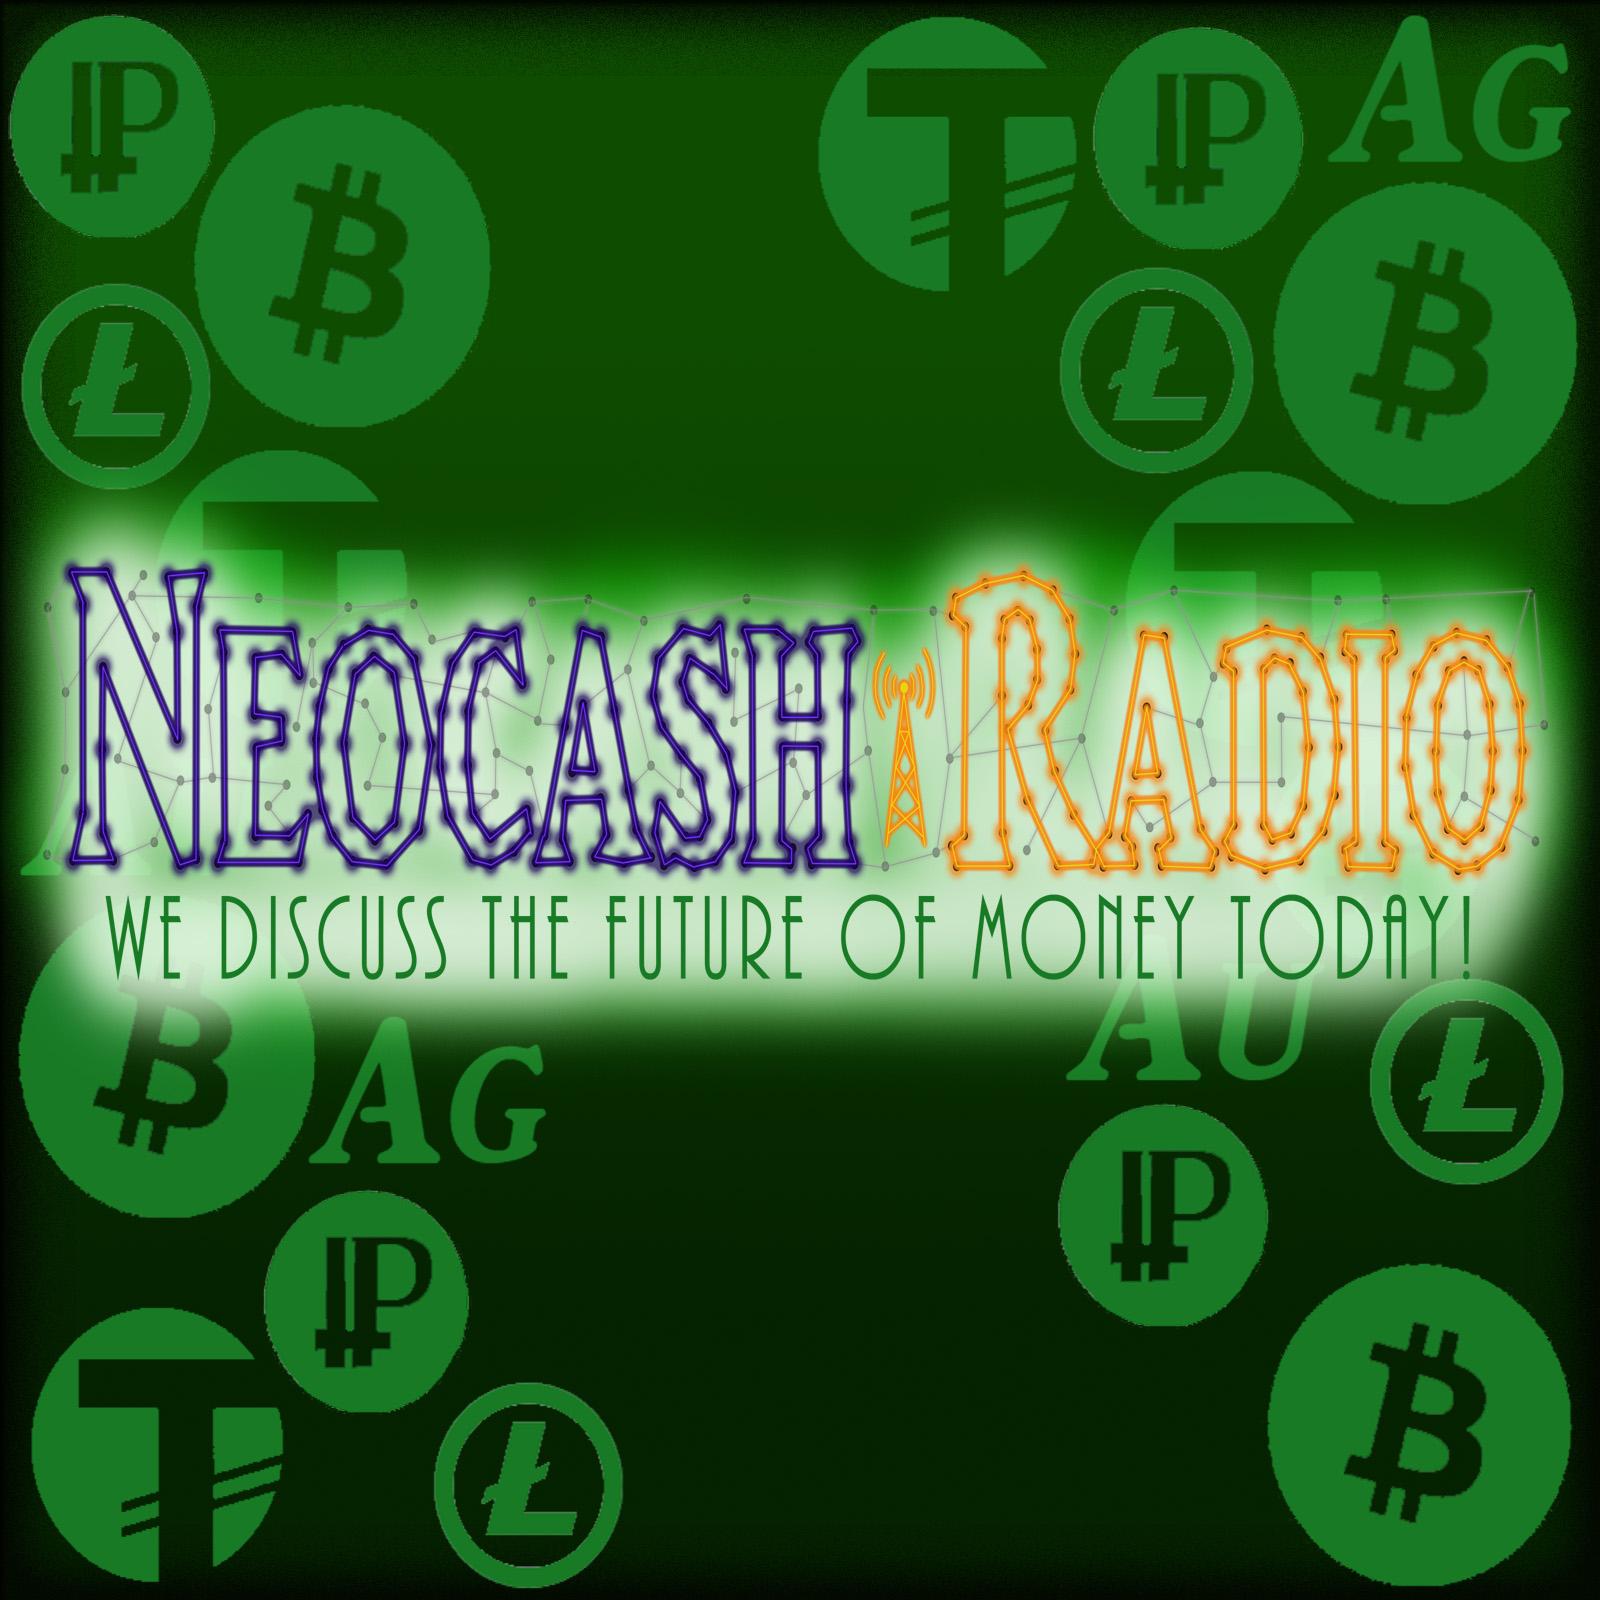 Neocash Radio - Episode 122